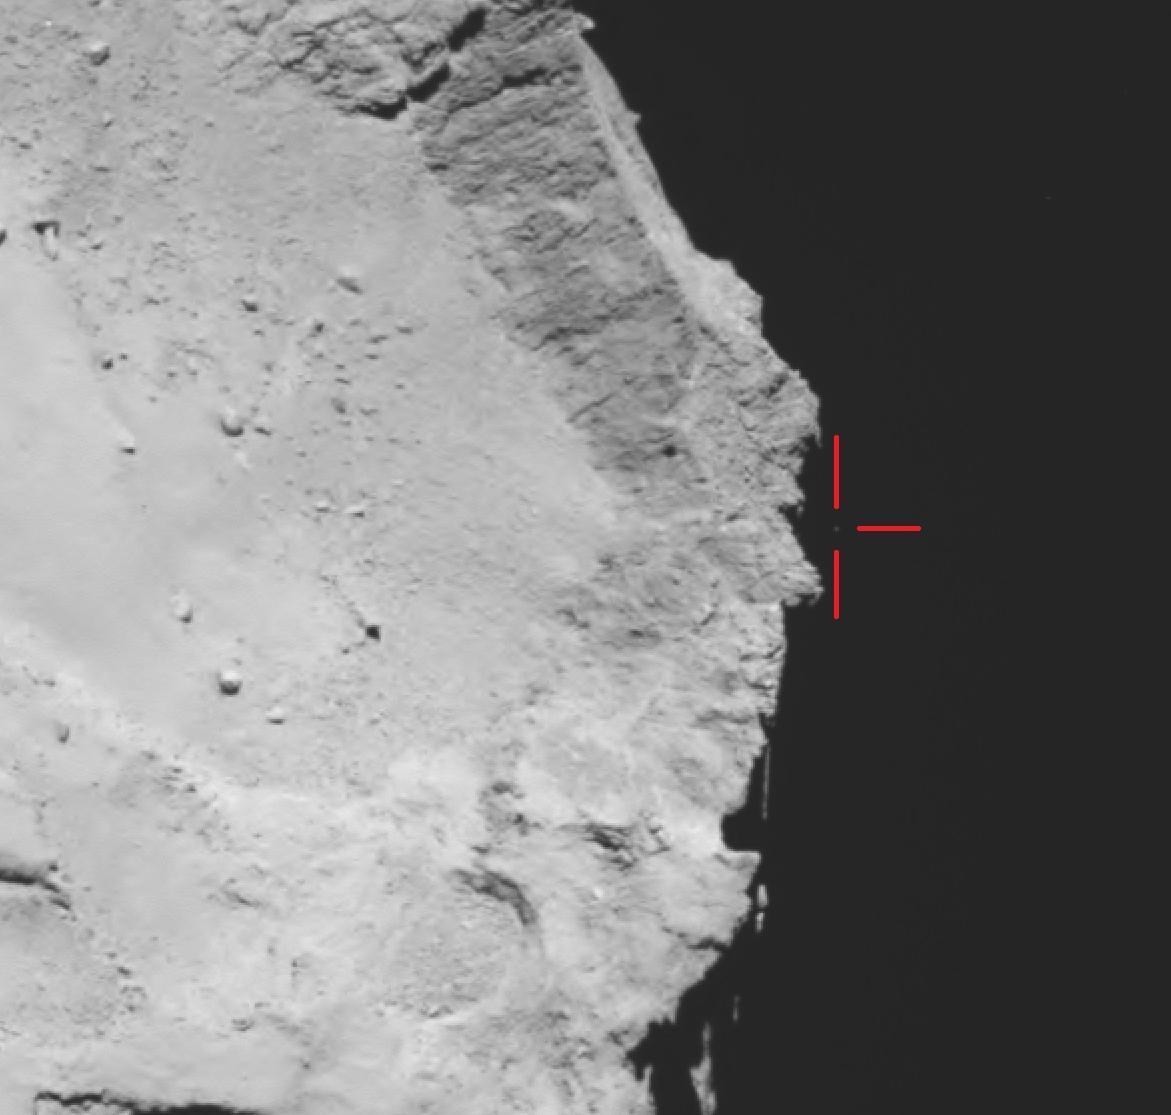 ЕКА опубликовало новые фотографии посадки «Филы», которые могут помочь найти аппарат - 1